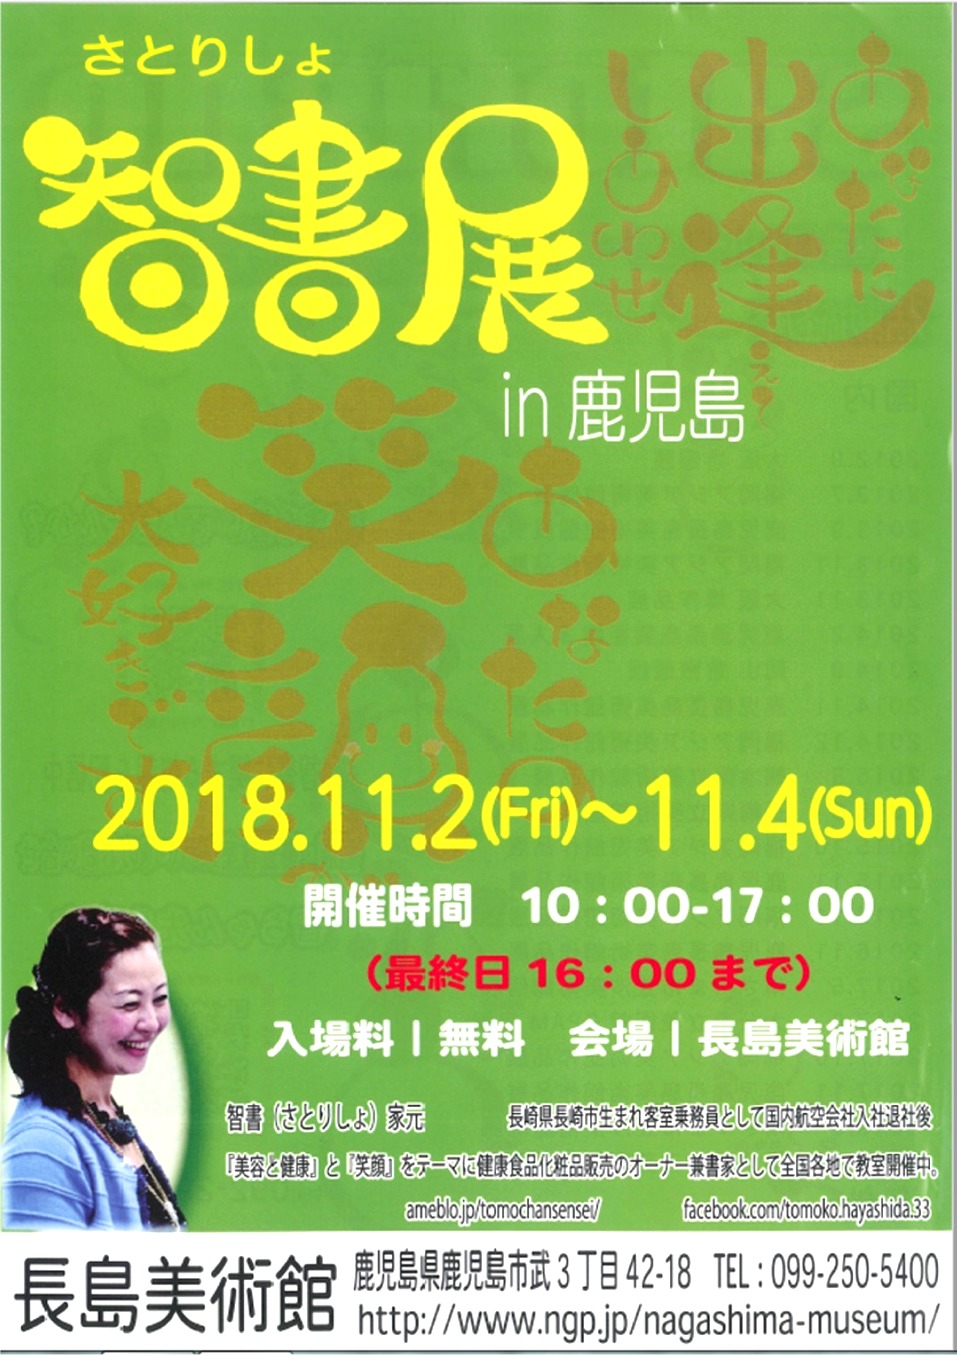 智書展 in 鹿児島